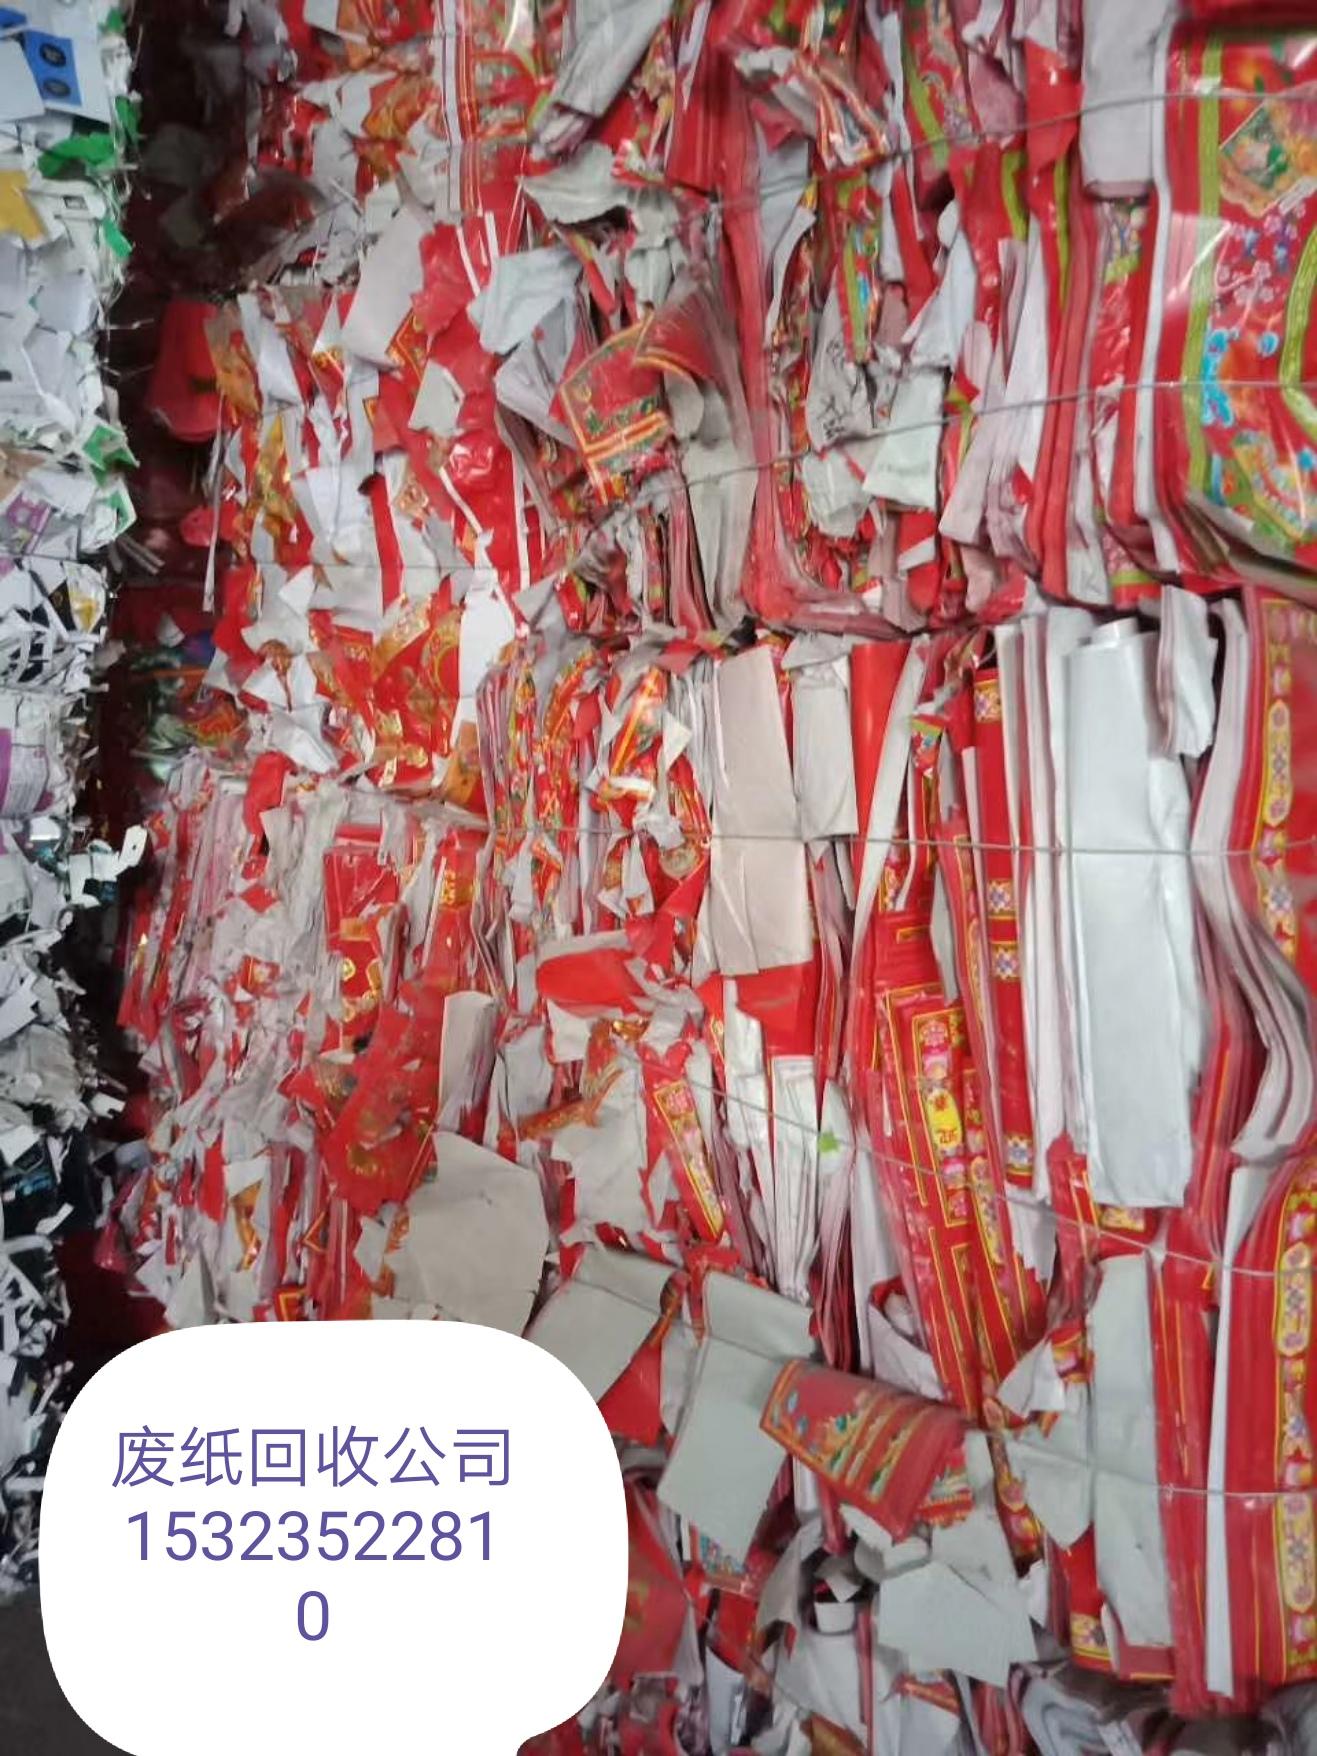 东莞专营工厂纸、白纸、小花纸、卡纸特种废纸只收大量